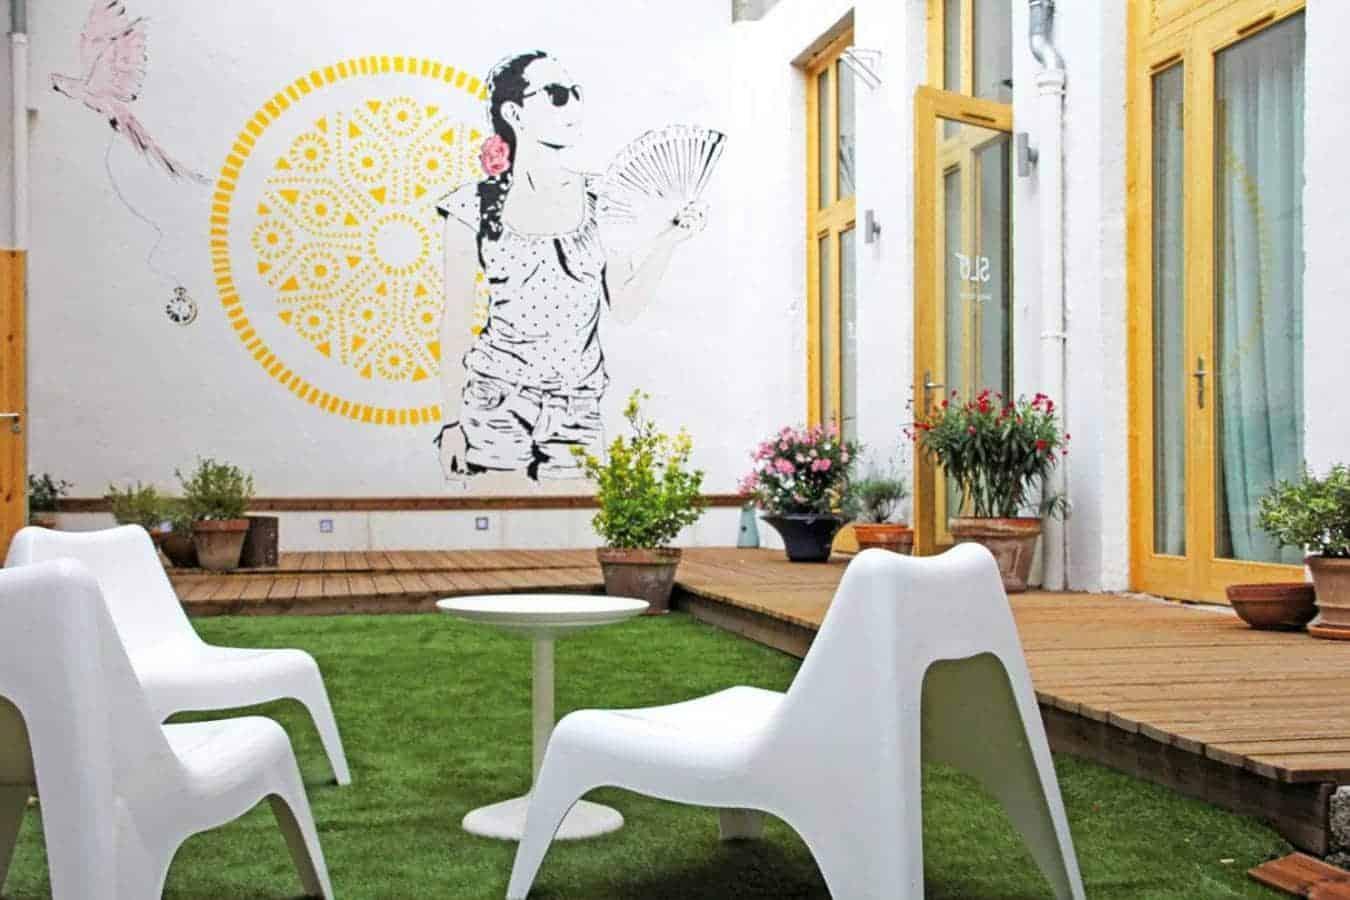 Slo Hostel Living, auberge de jeunesse, au coeur du 3ème arrondissement. Architecte Charlotte Bollard - Photographe Frenchie Cristogatin. (Lyon 3ème)